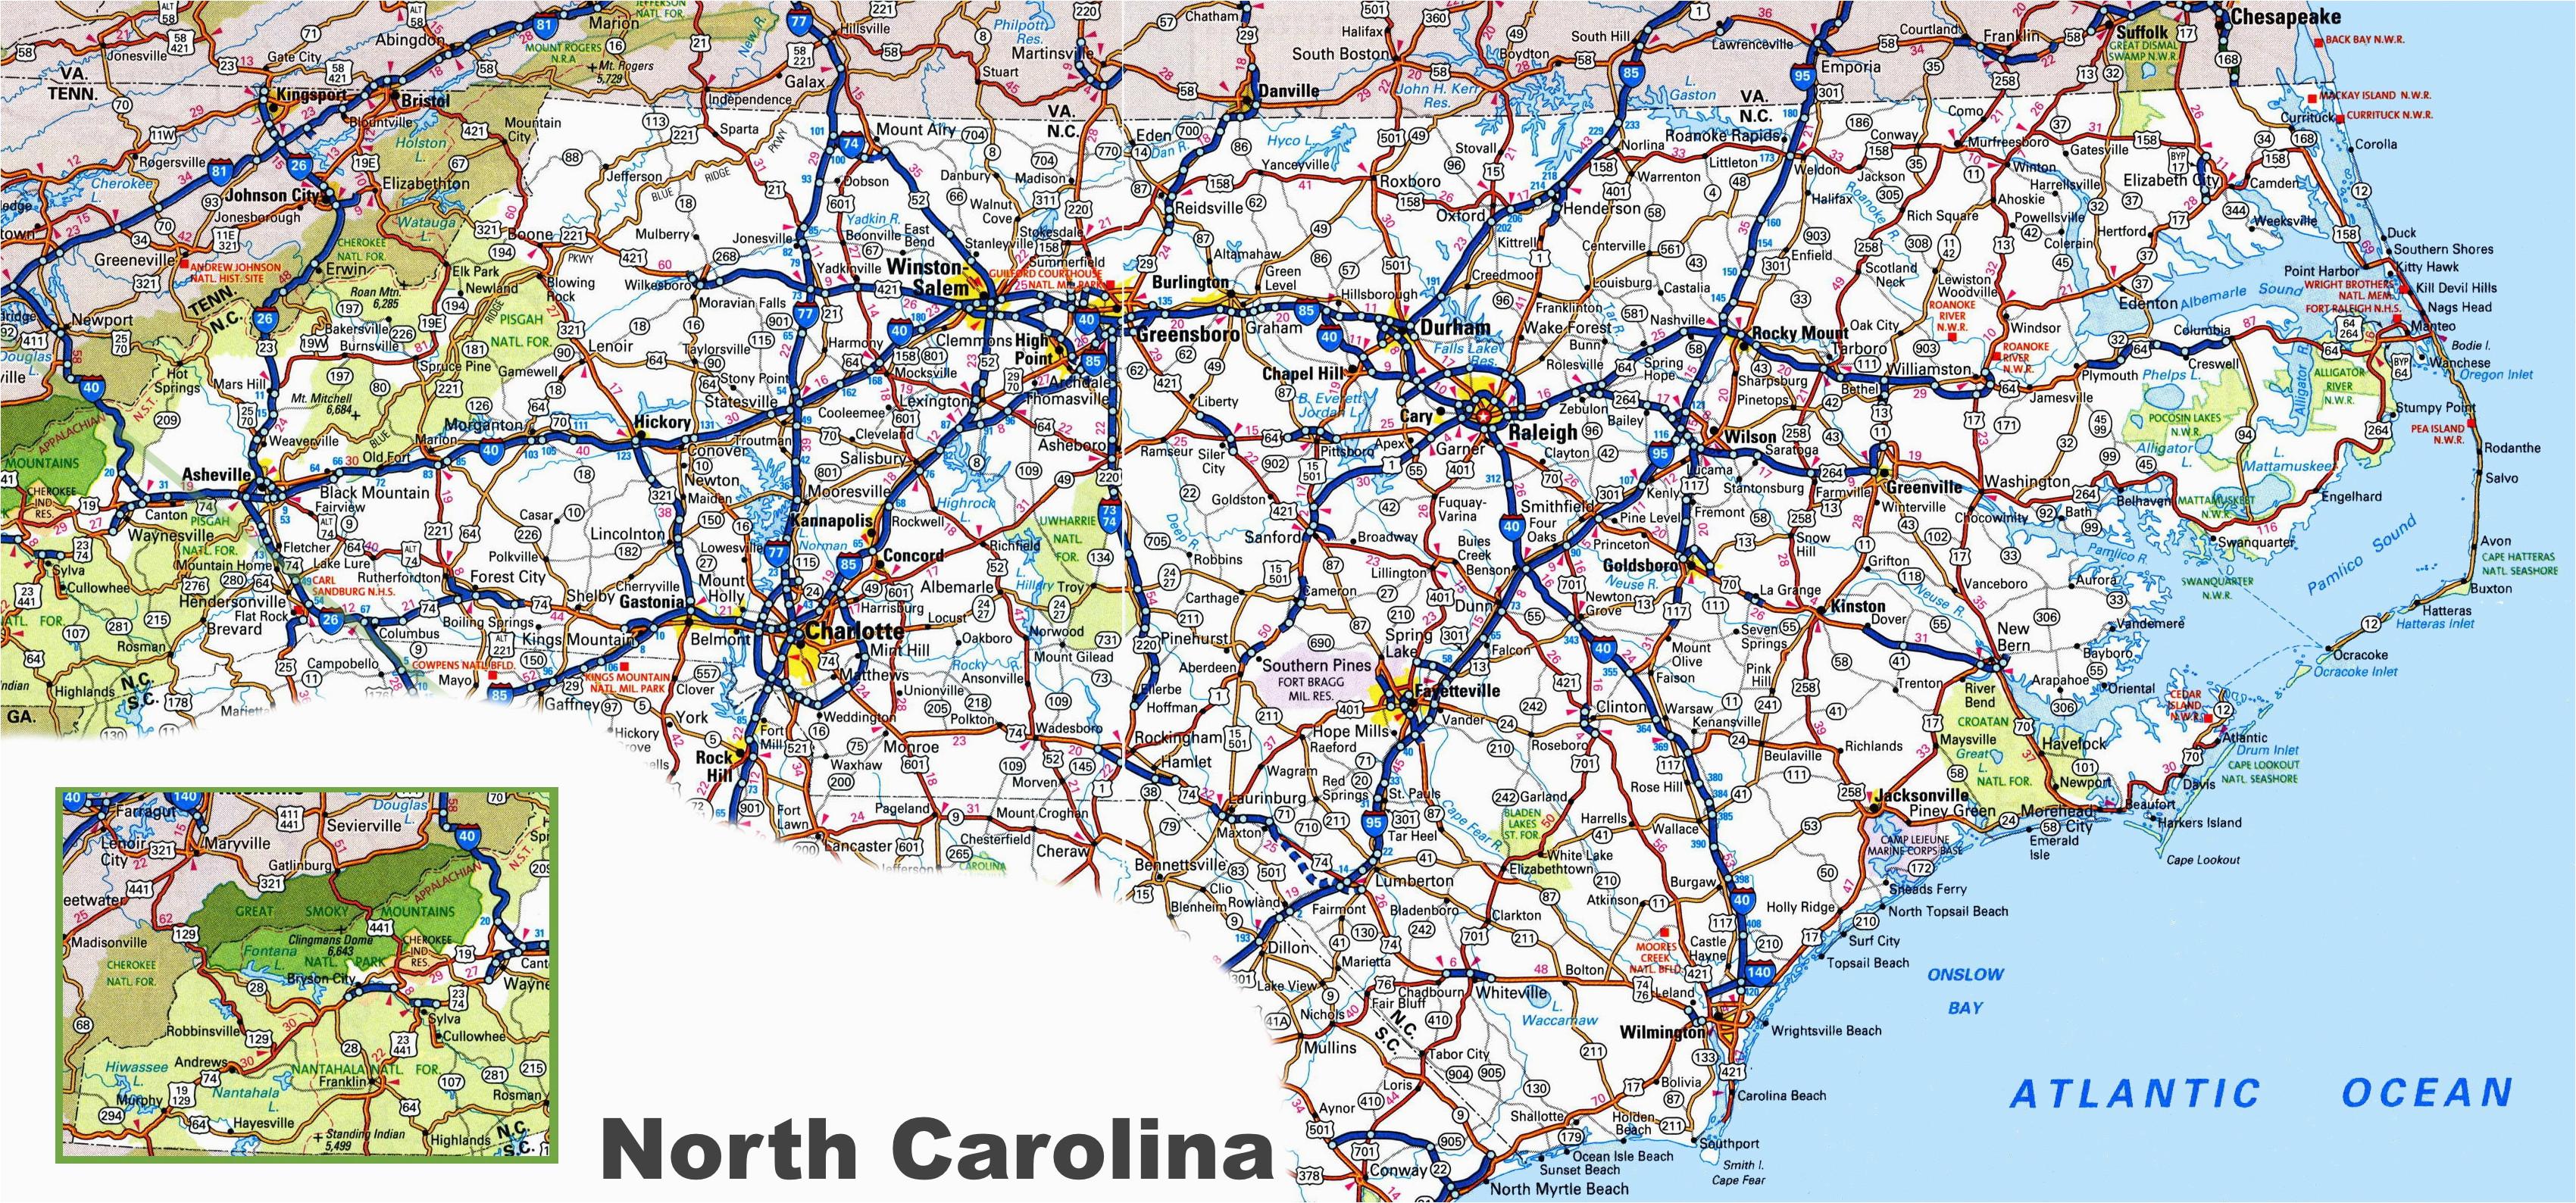 North Carolina State Road Map north Carolina Road Map